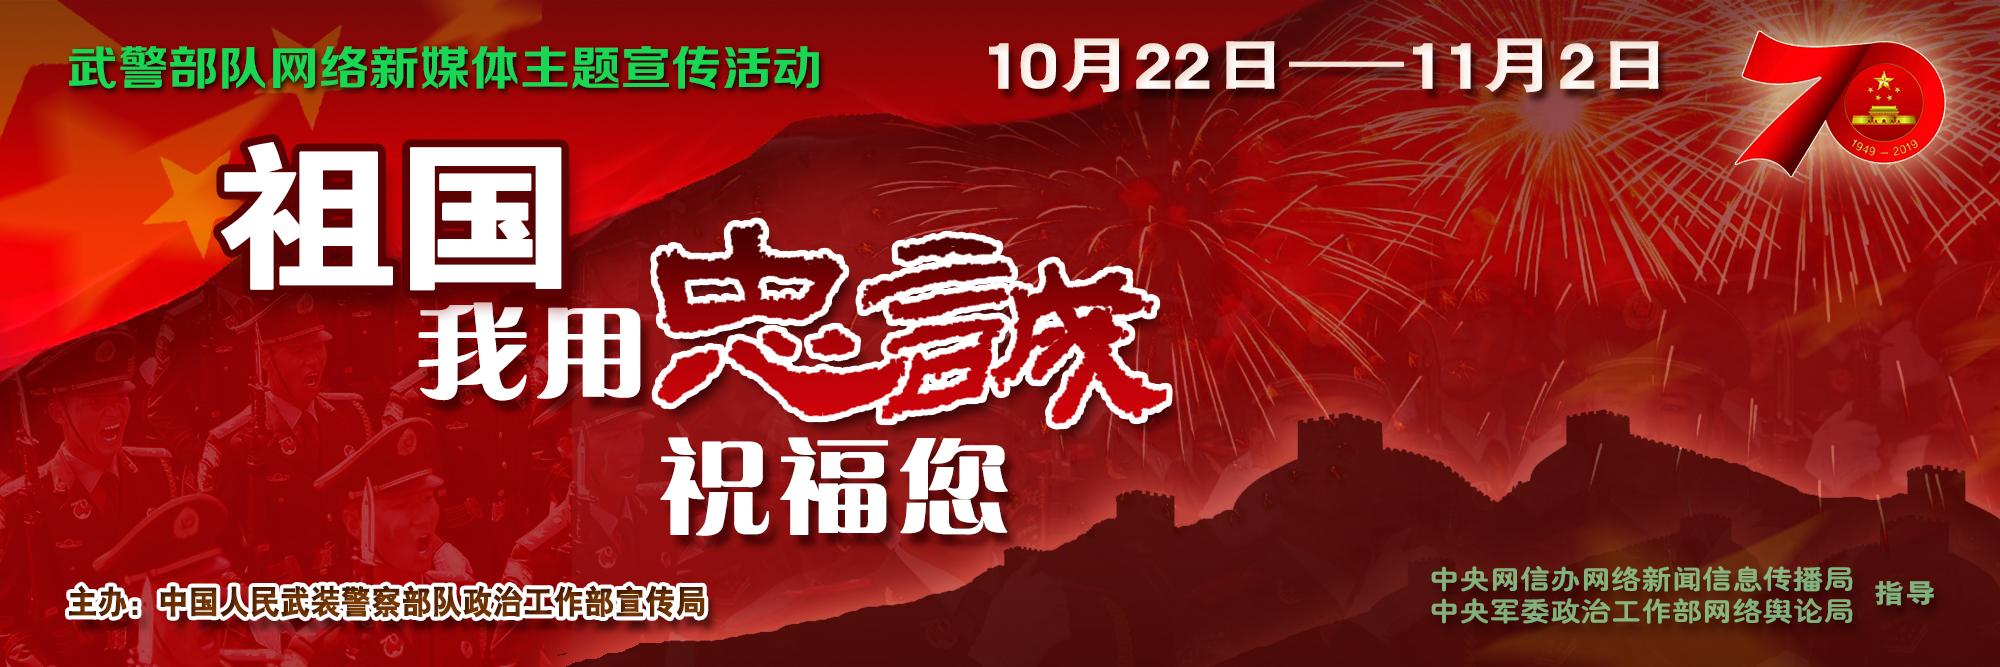 武警黄冈支队:驻守鄂豫皖革命根据地的红色标兵部队